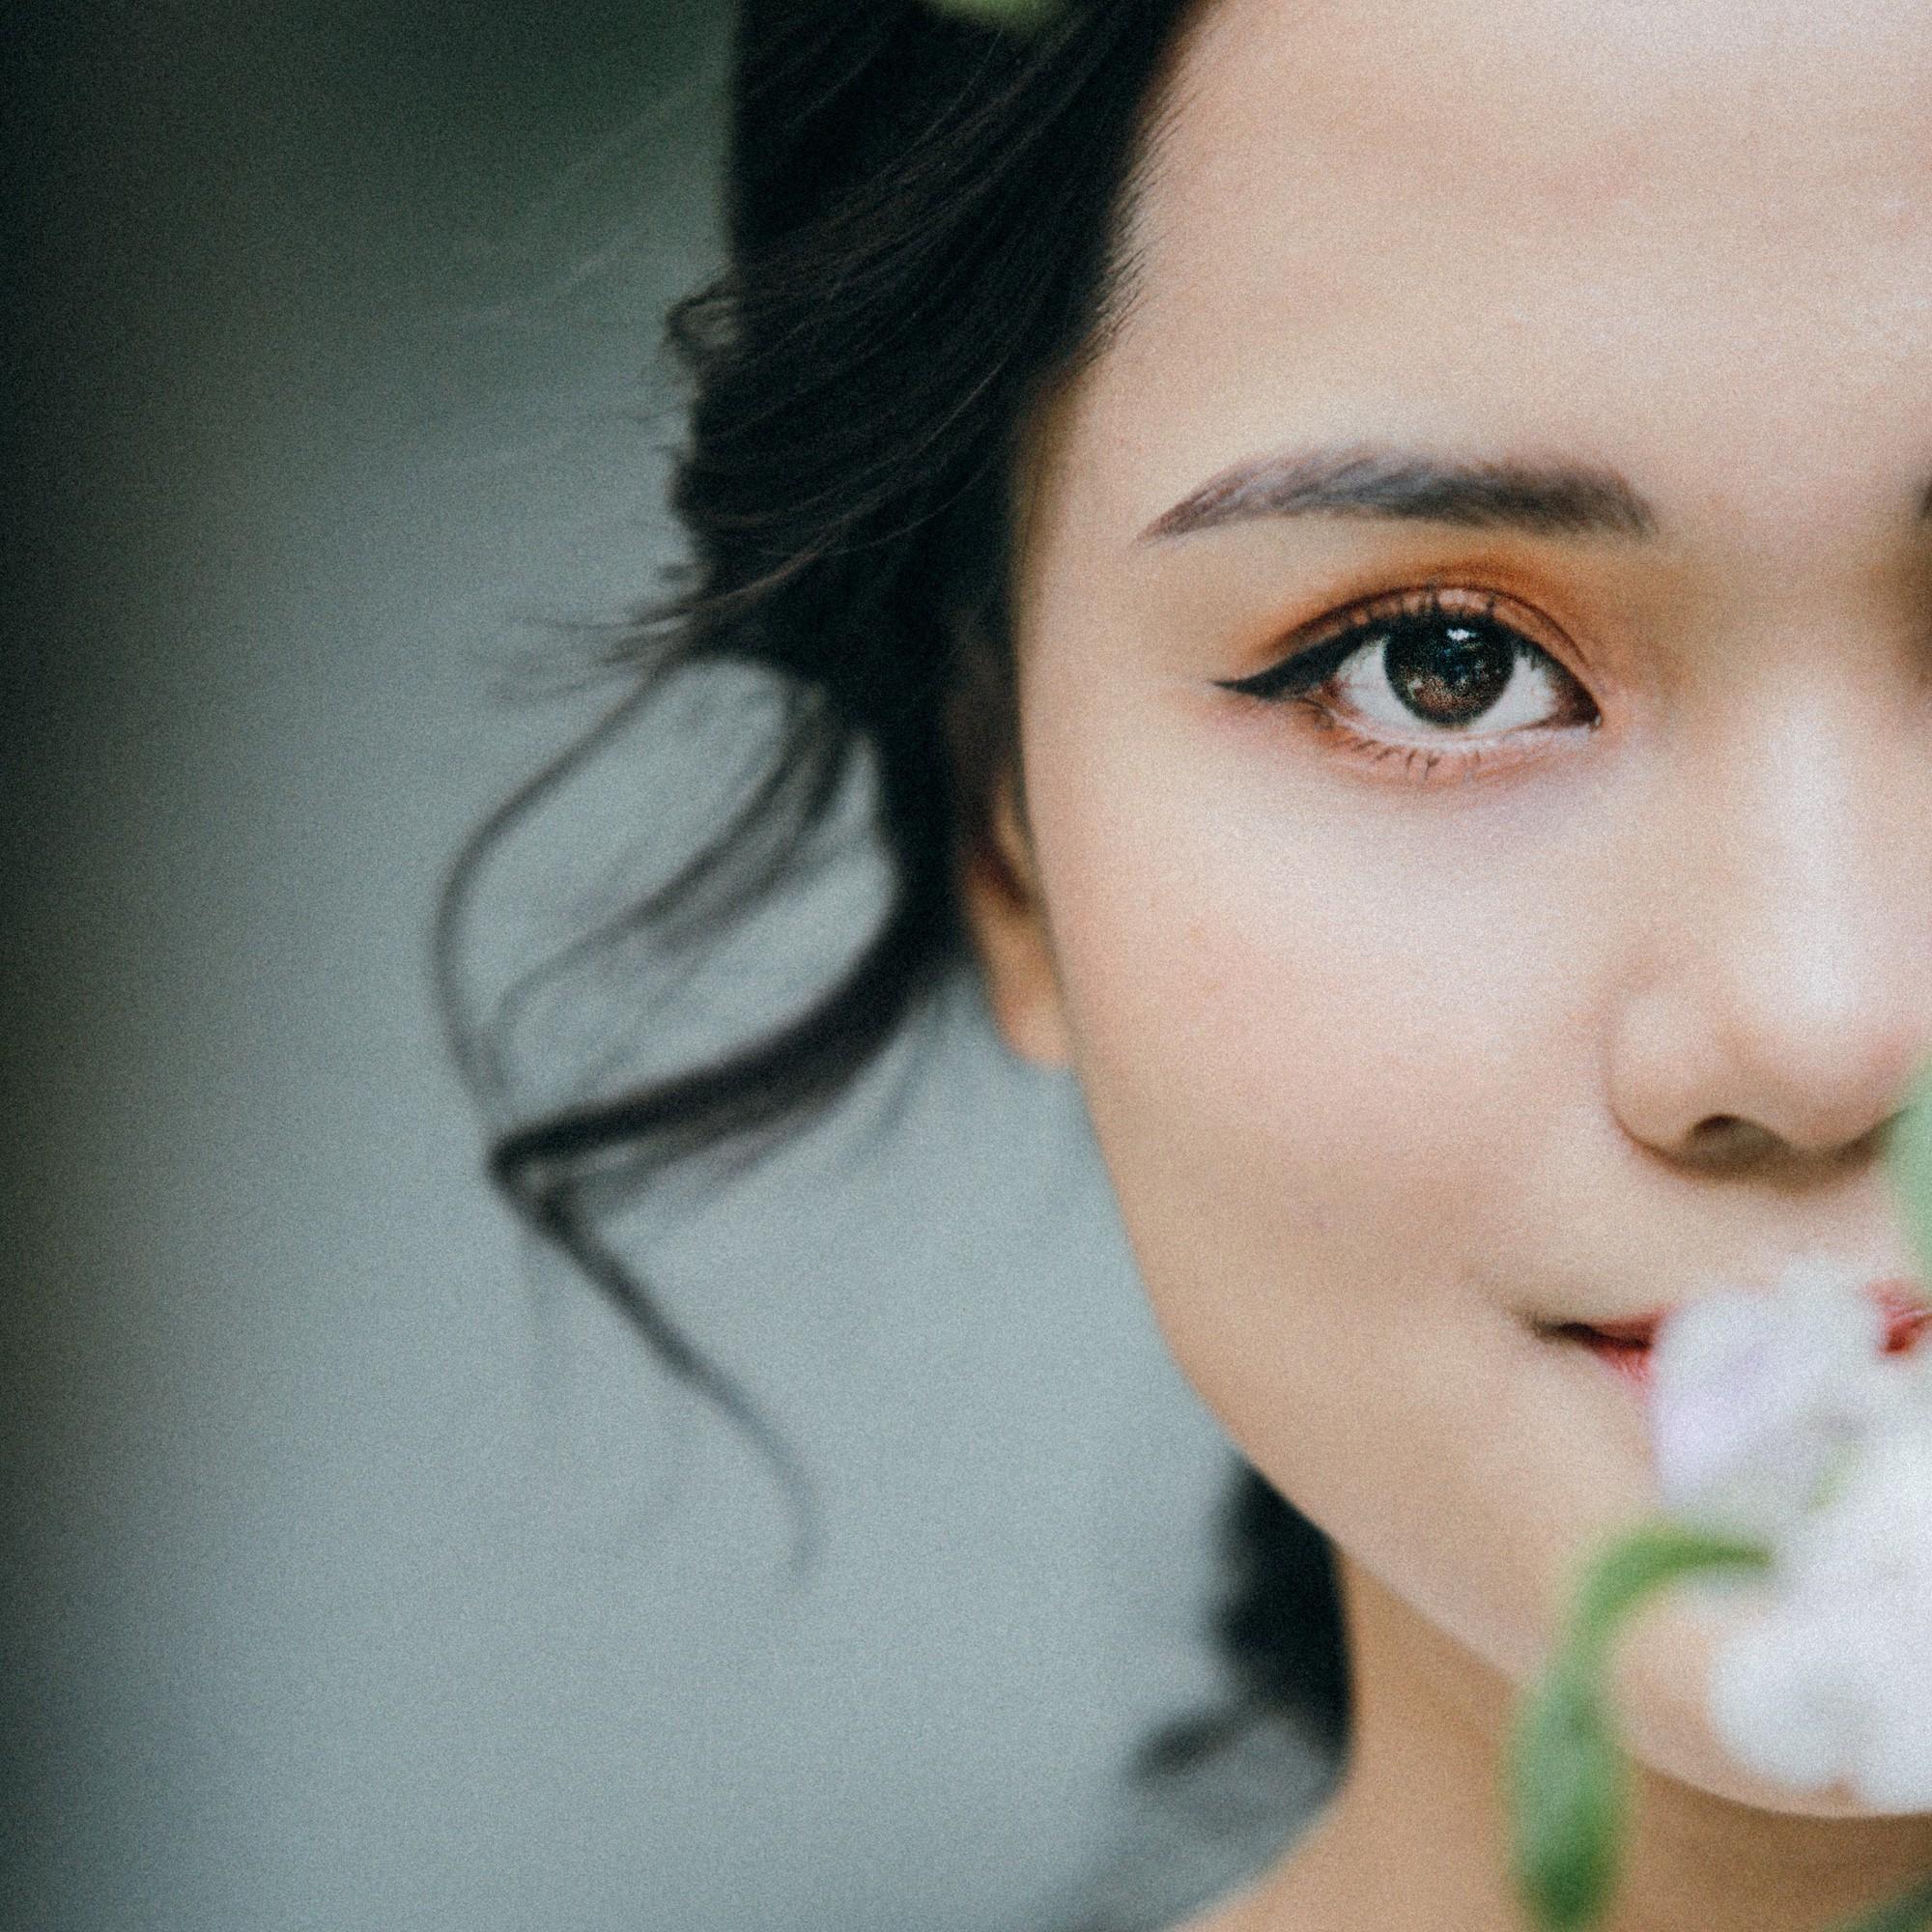 """Gặp cô bạn gái xinh xắn, """"lầy lội"""" của Duy Mạnh U23: Sáng tác cả truyện chế, """"ship"""" người yêu với Đình Trọng, Tiến Dũng - Ảnh 4."""